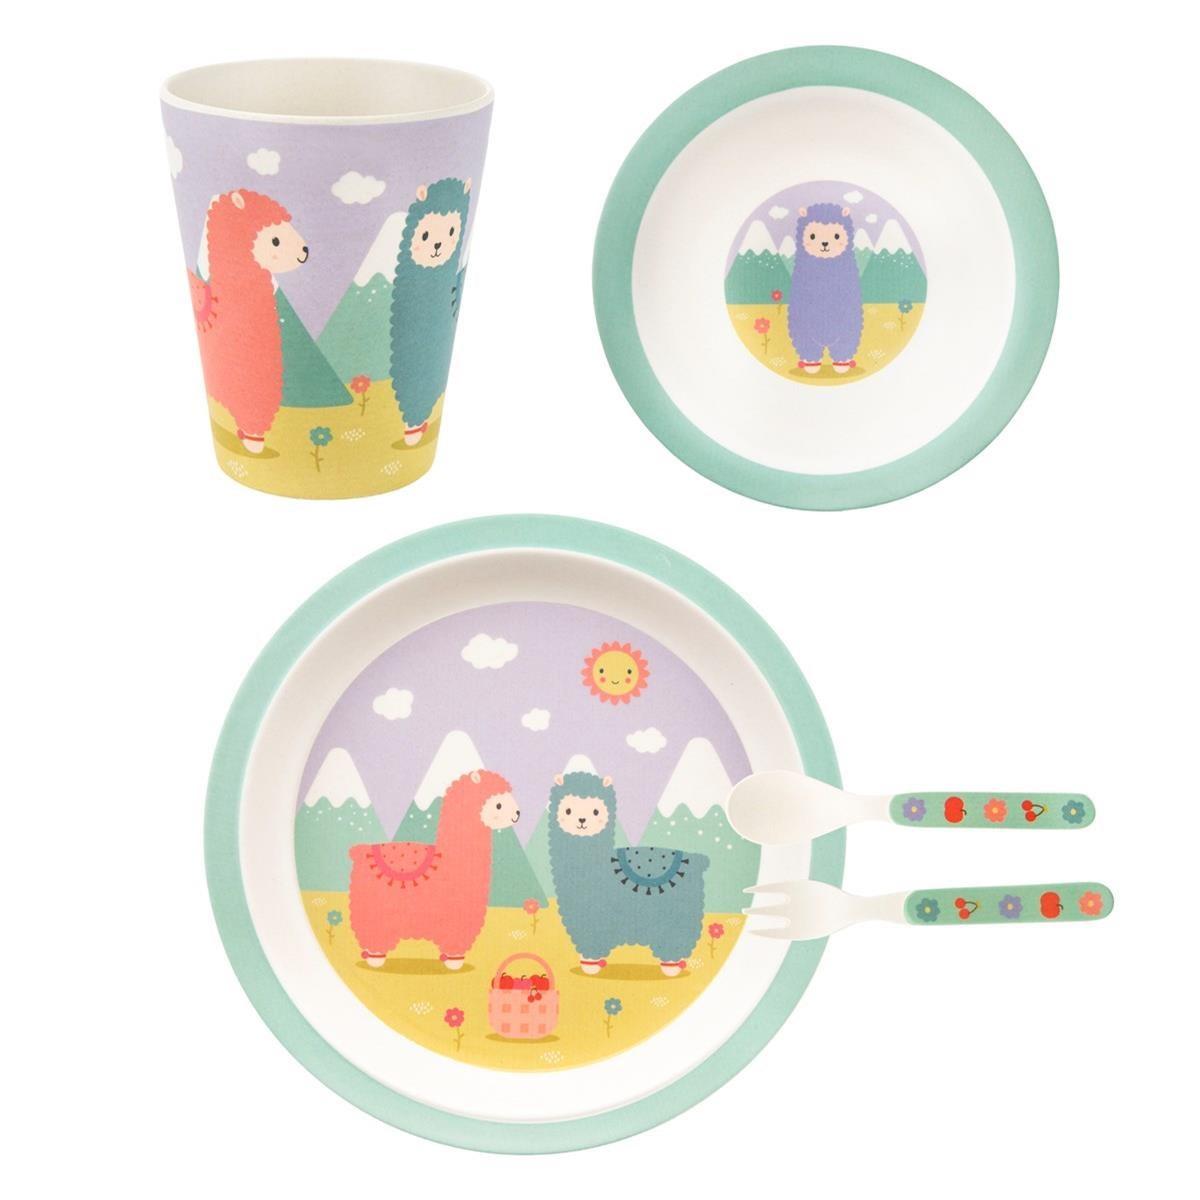 Dětský jídelní SET Little Llama_6